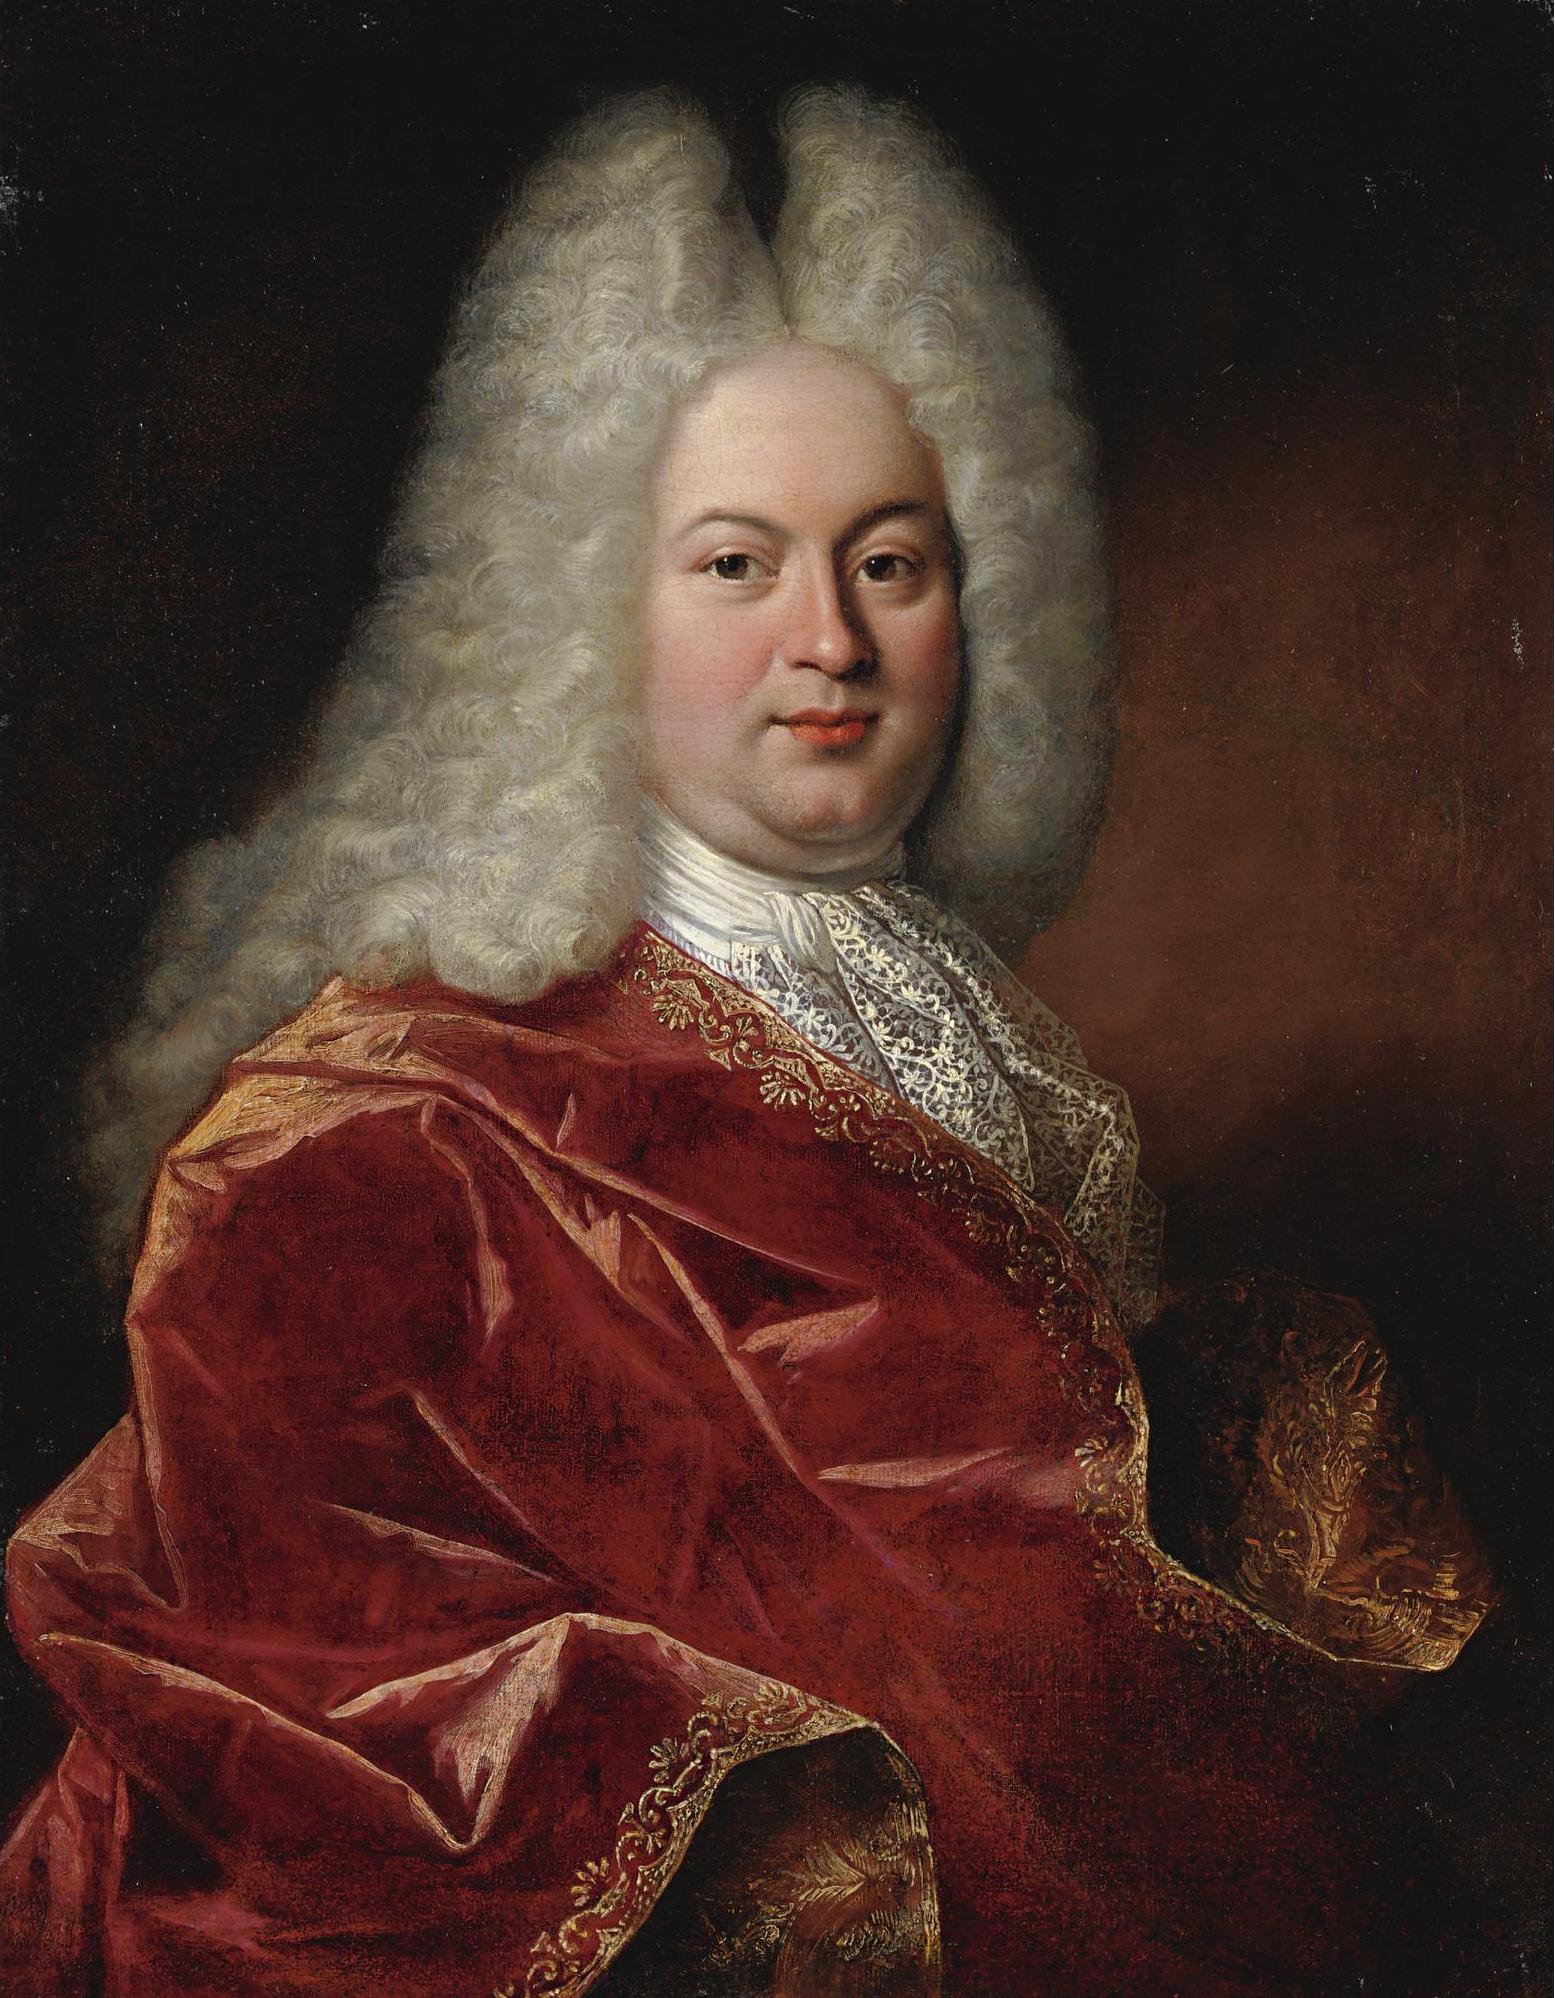 File:Pierre Ernou - Portrait of an Unknown Man (1713).jpg